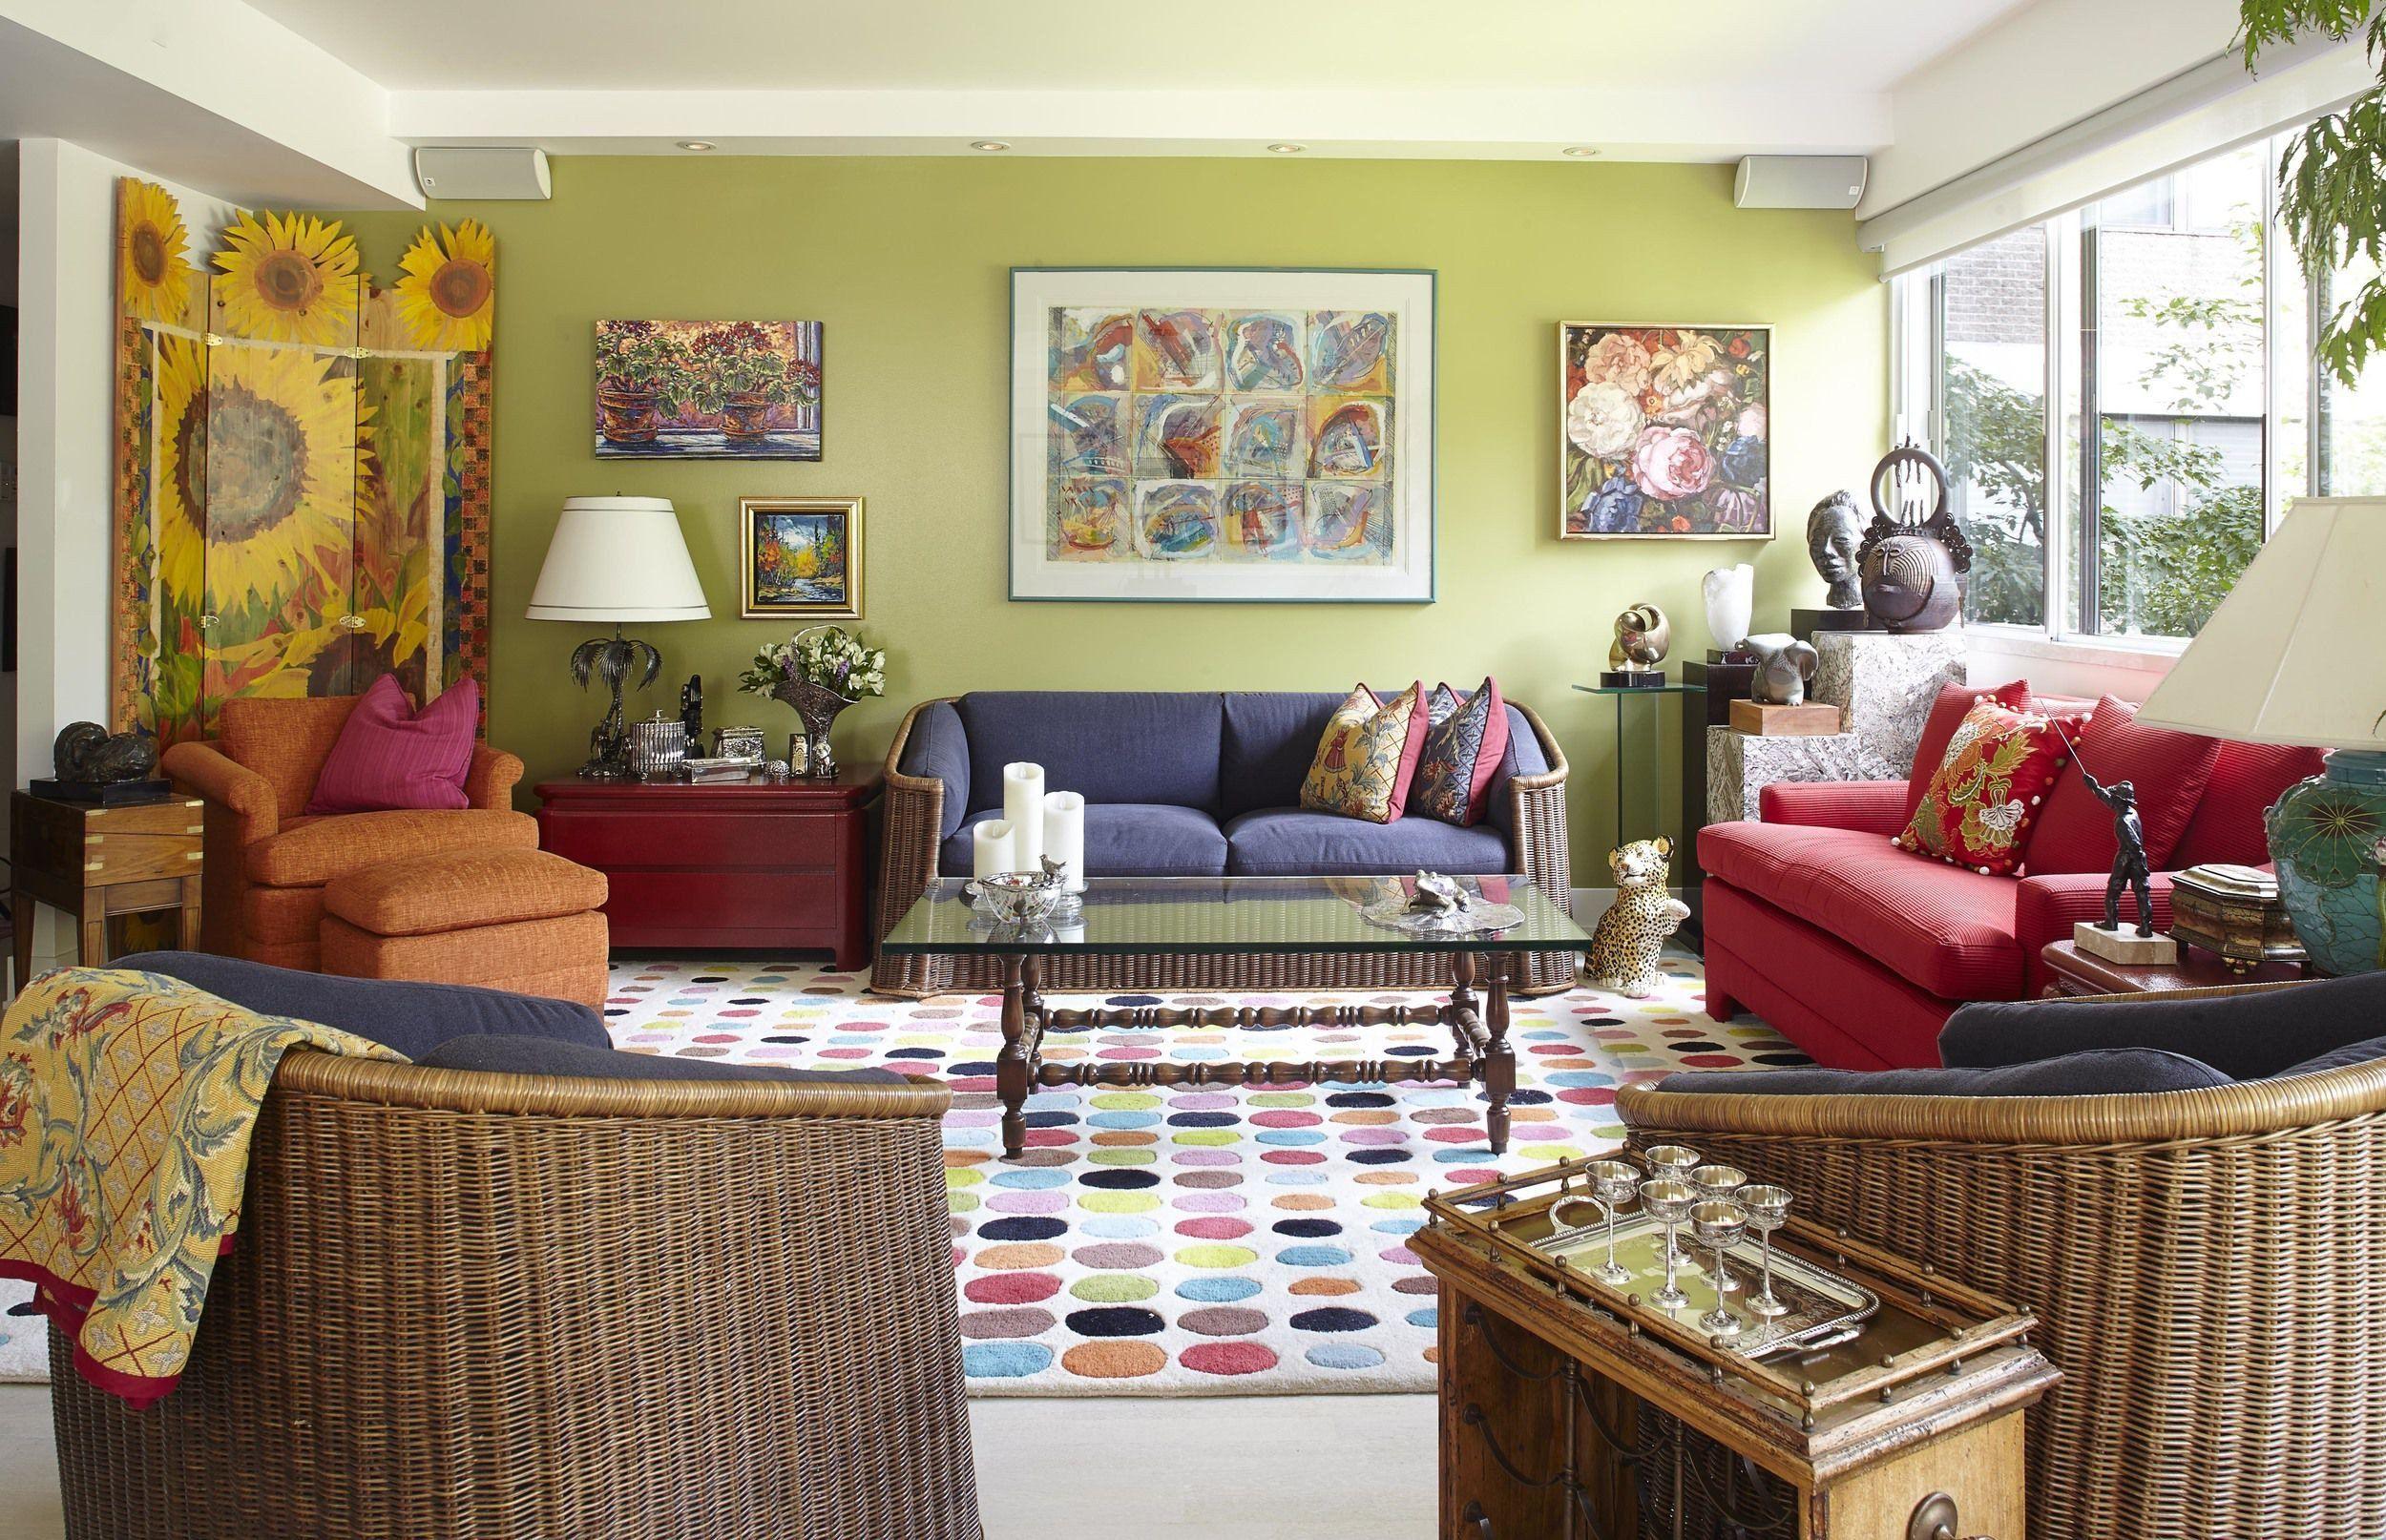 Teal And Gold Living Room Fresh Green Living Room Ideas Ruang Tamu Eklektik Warna Ruang Tamu Gaya Hidup Ramah Lingkungan Living room ideas eclectic